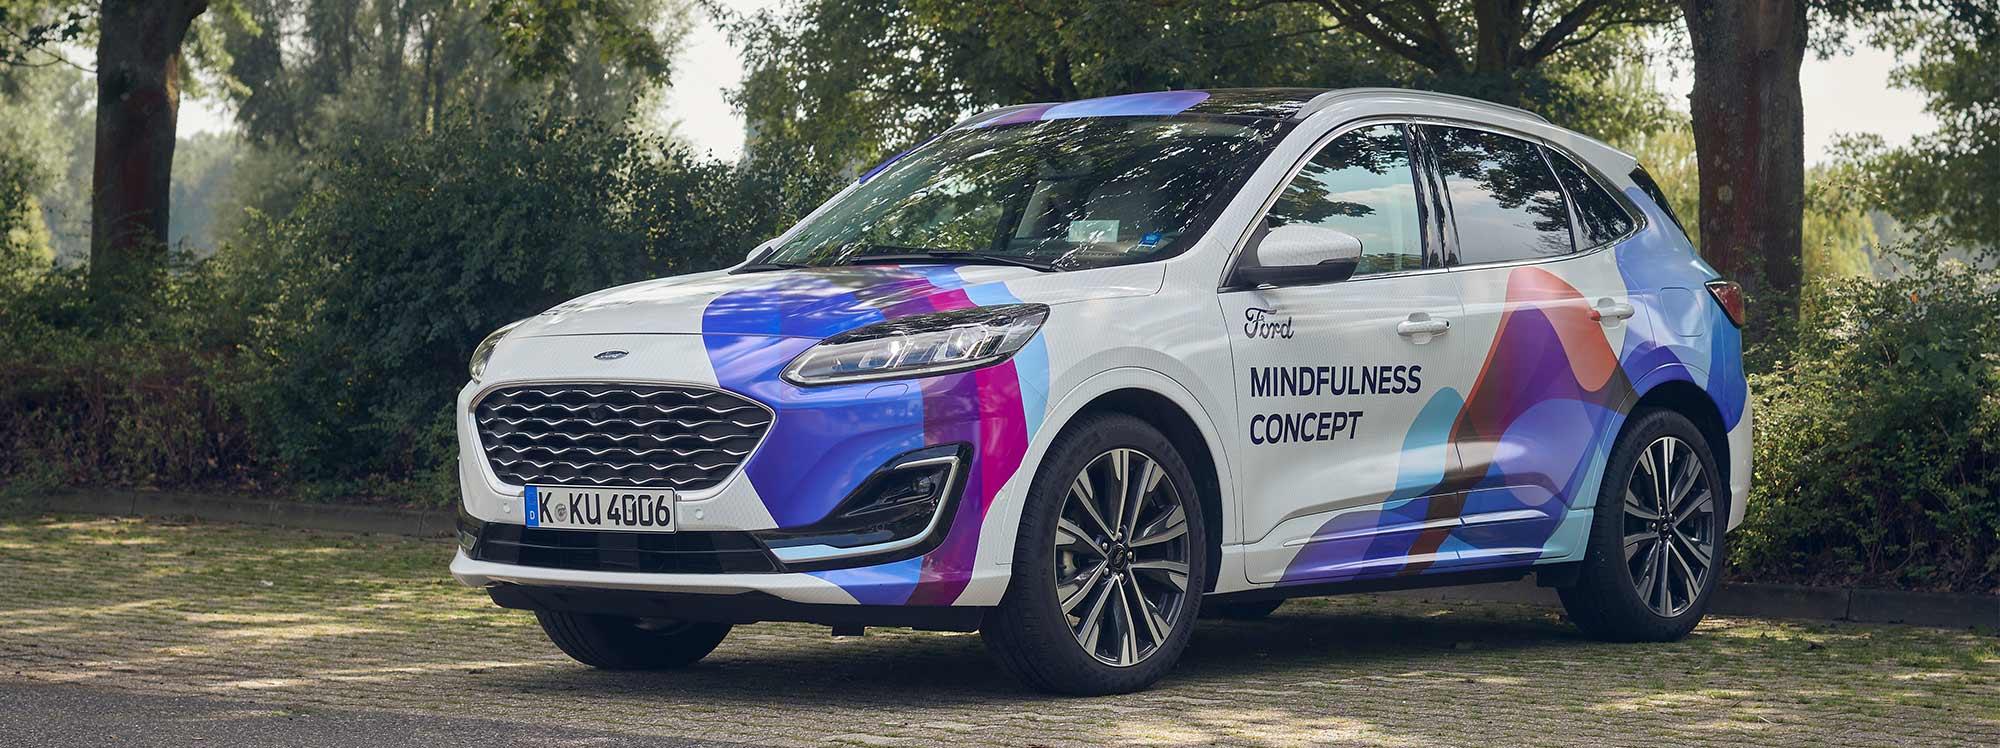 Ford Concept Car Mindfulness, el vehículo que combate el estrés